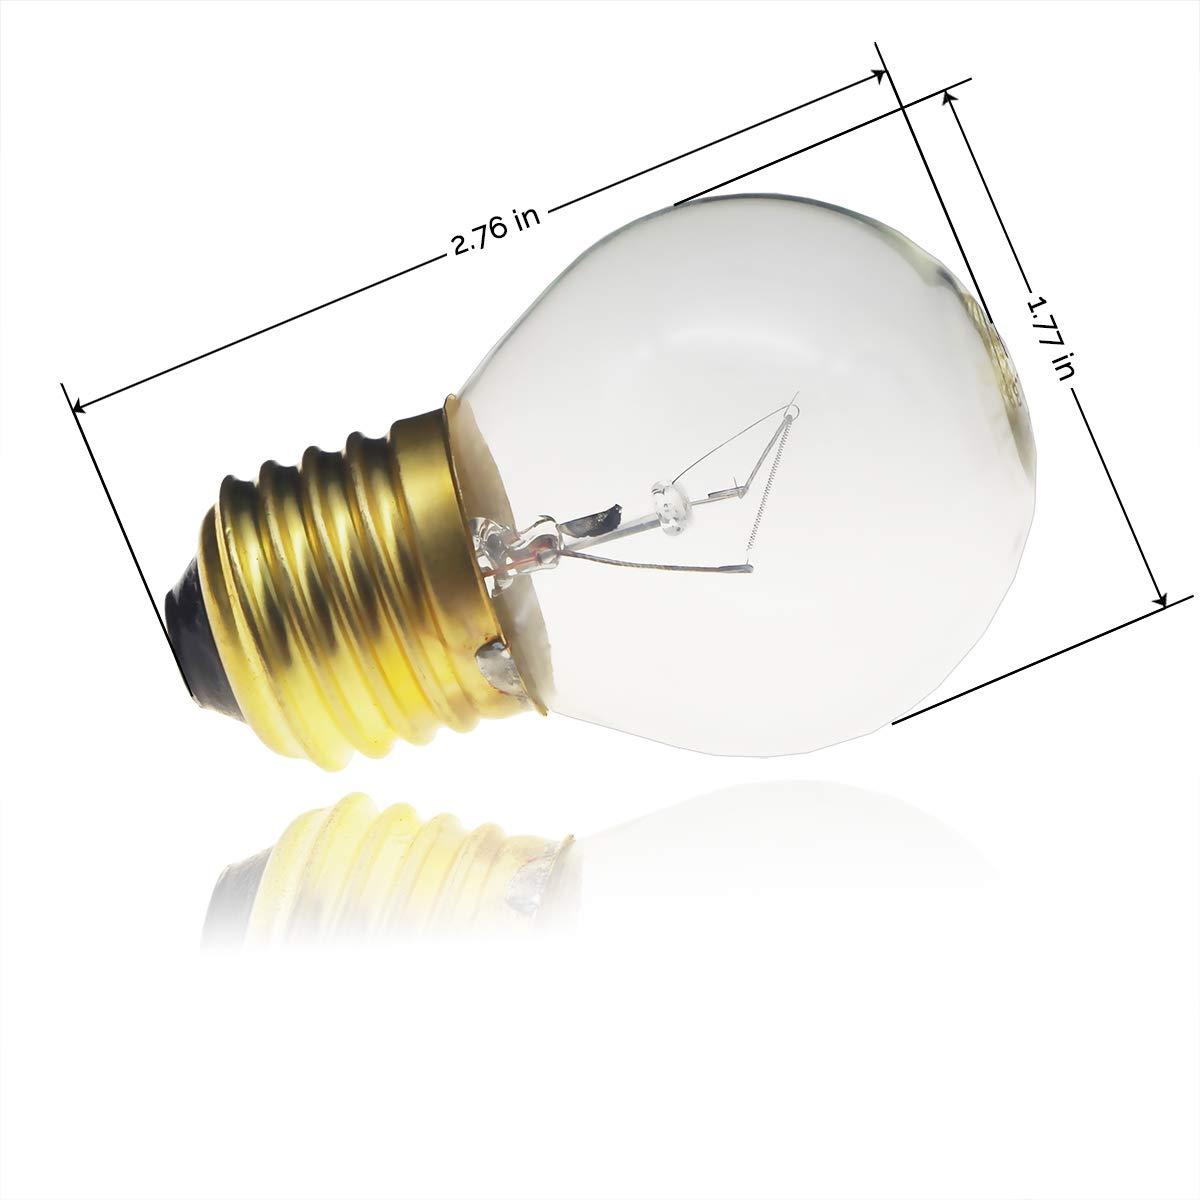 Jslinter 40 watt Appliance Oven Light Bulb High Temp 120v Clear 415 Lum...